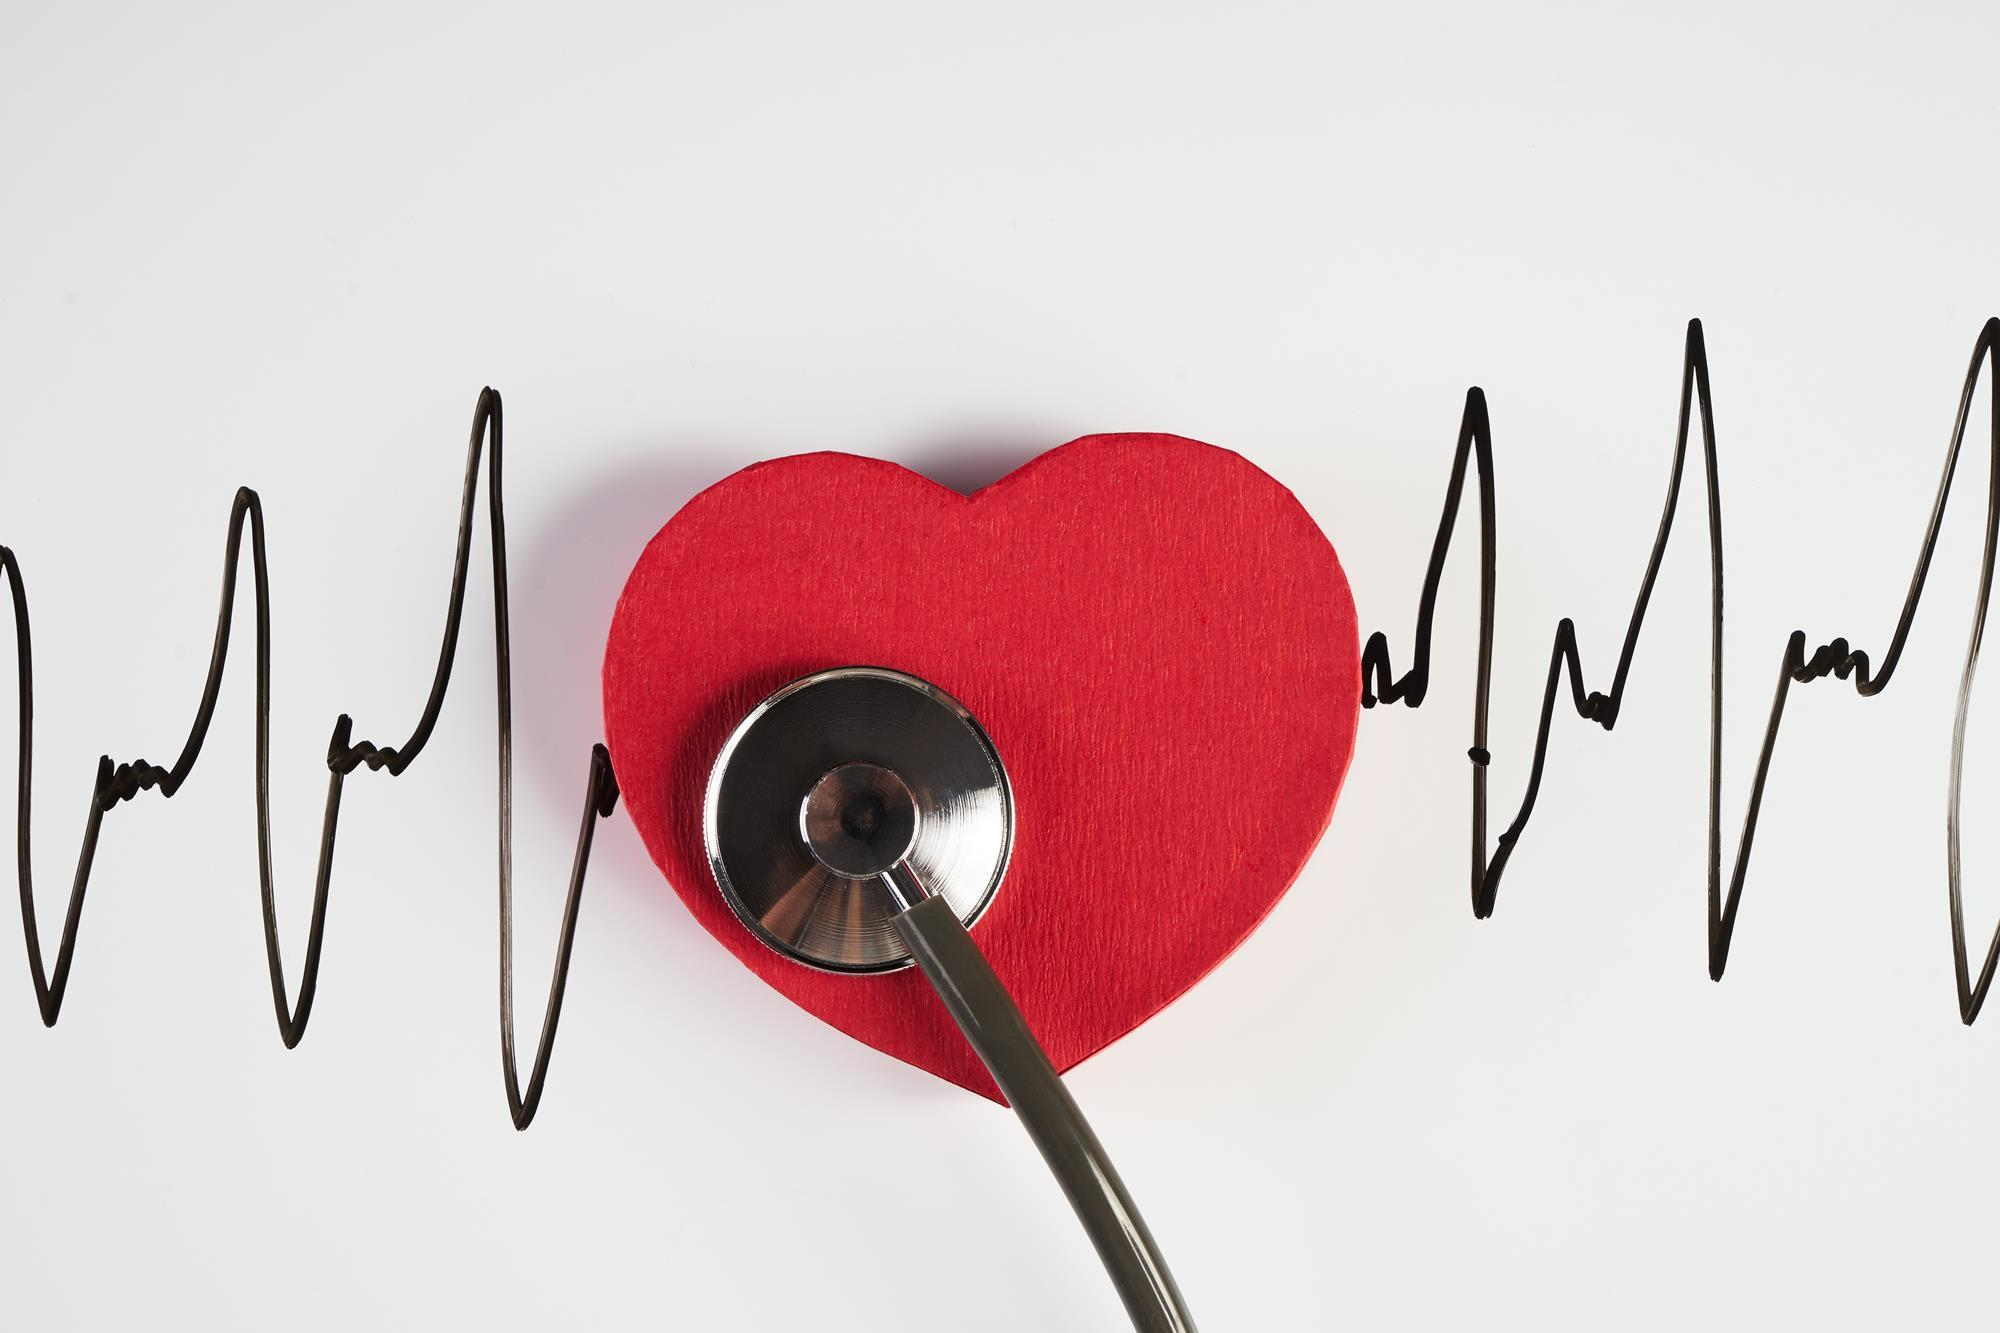 cum să faci rapid inimile pentru o scurgere